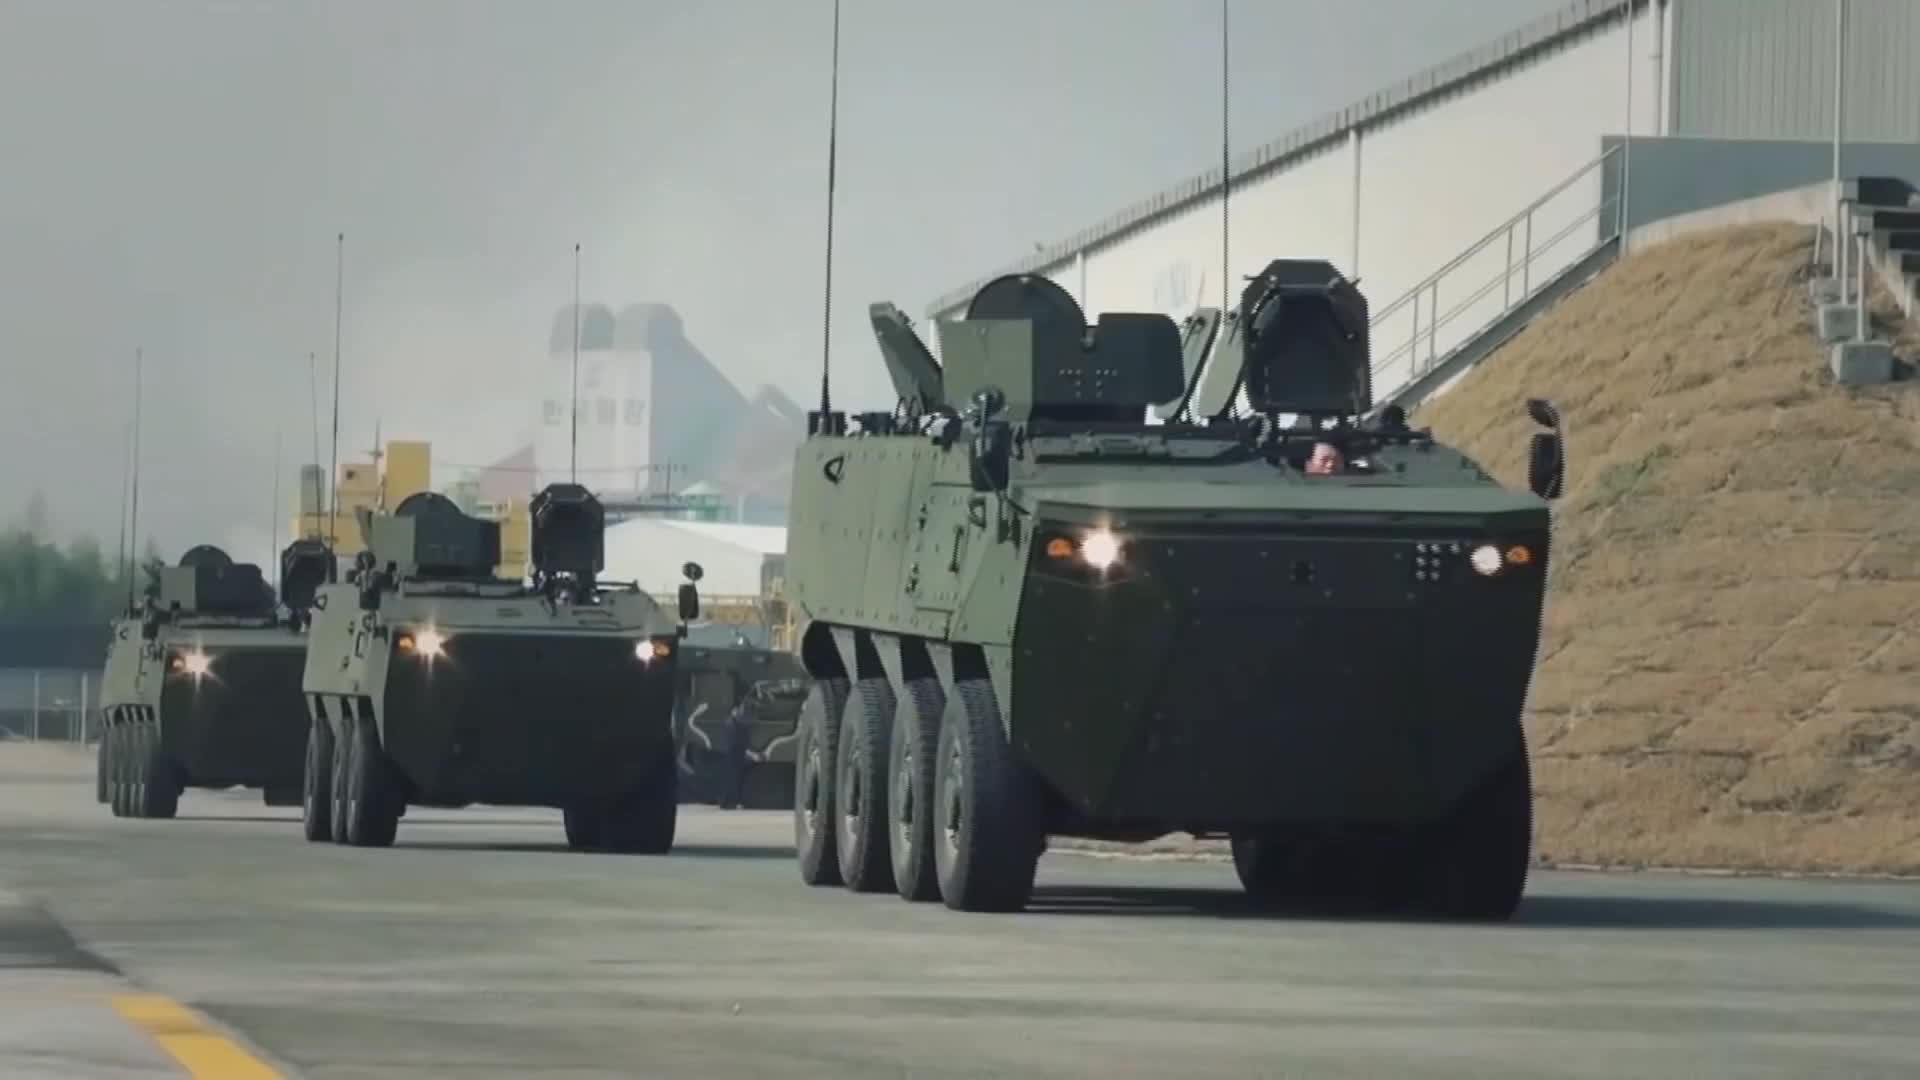 韩国两栖装甲运输车,轮胎气压控制系统很不错!